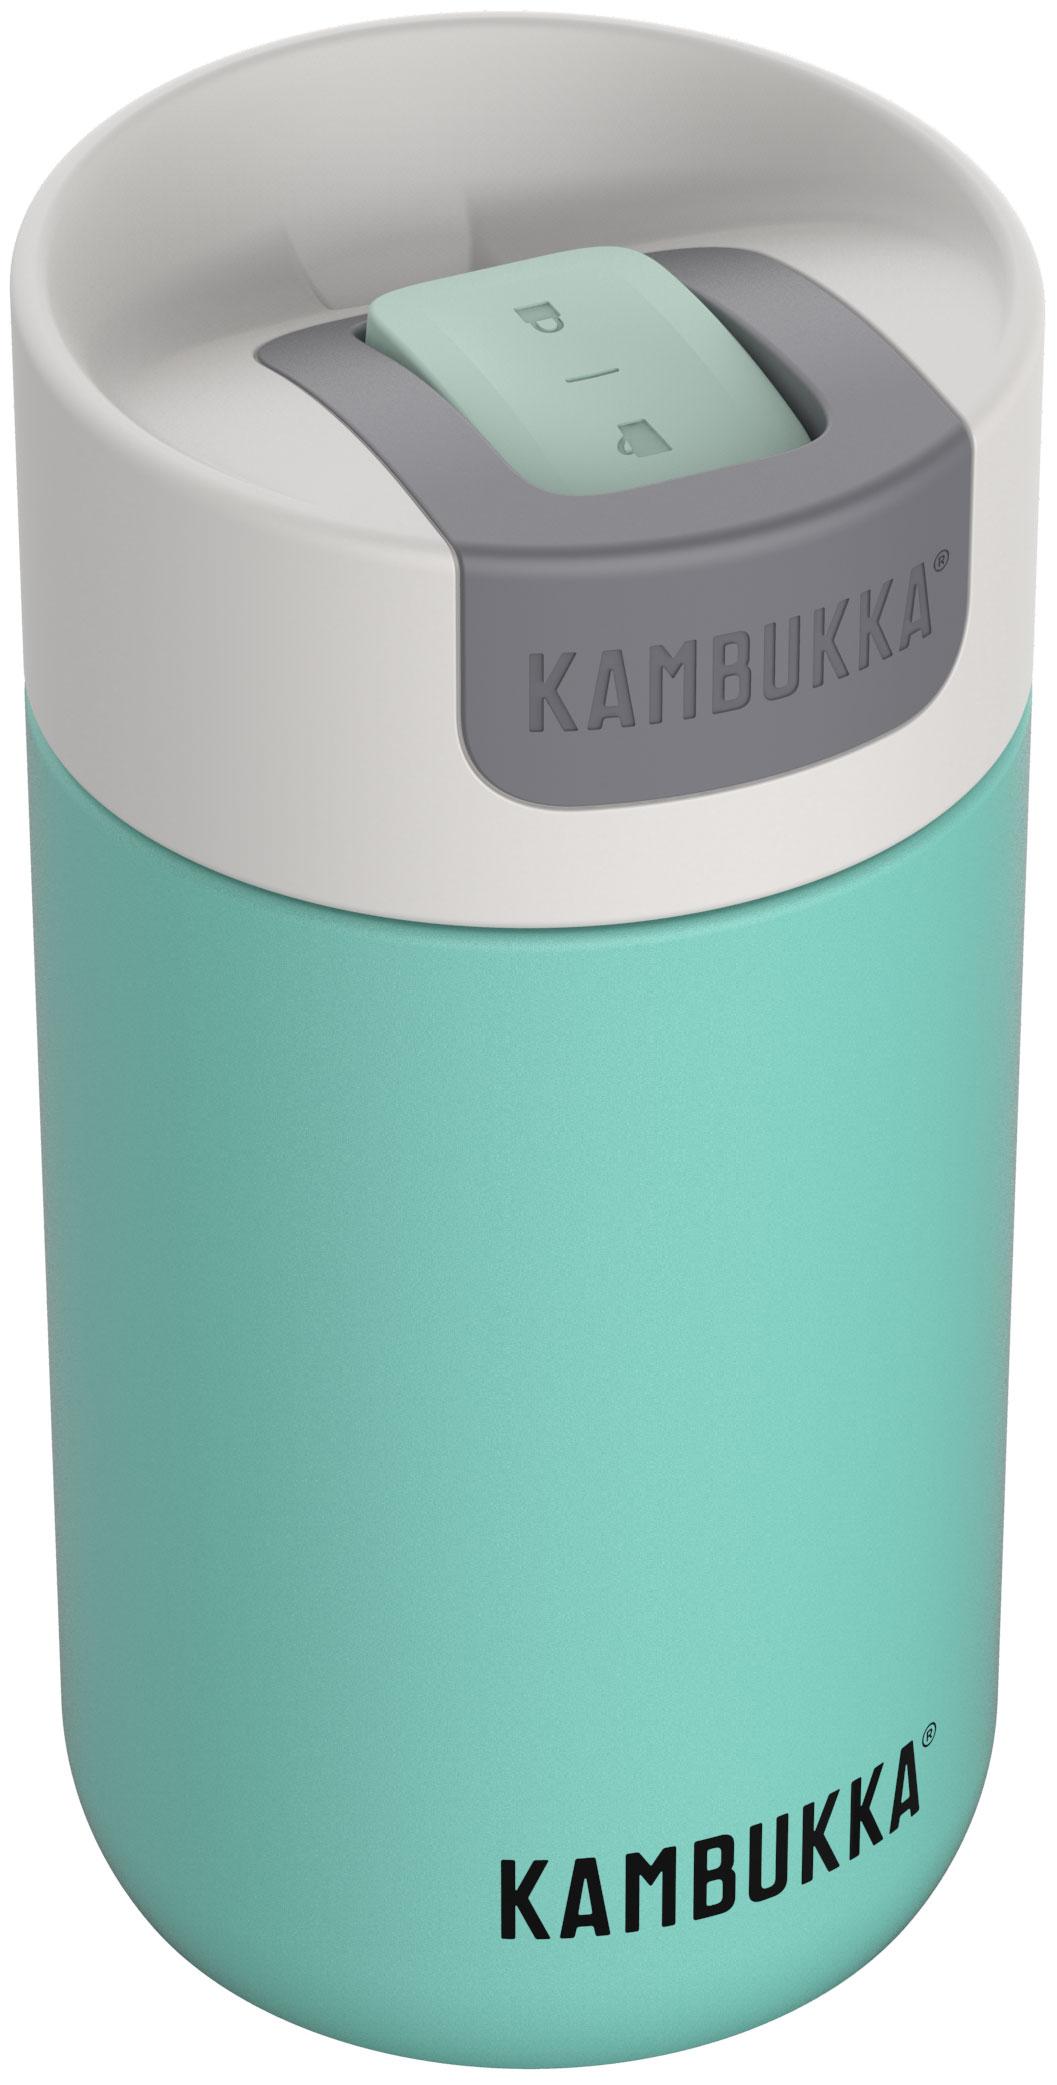 """בקבוק שתיה תרמי 300 מ""""ל תכלת Kambukka Olympus קמבוקה"""